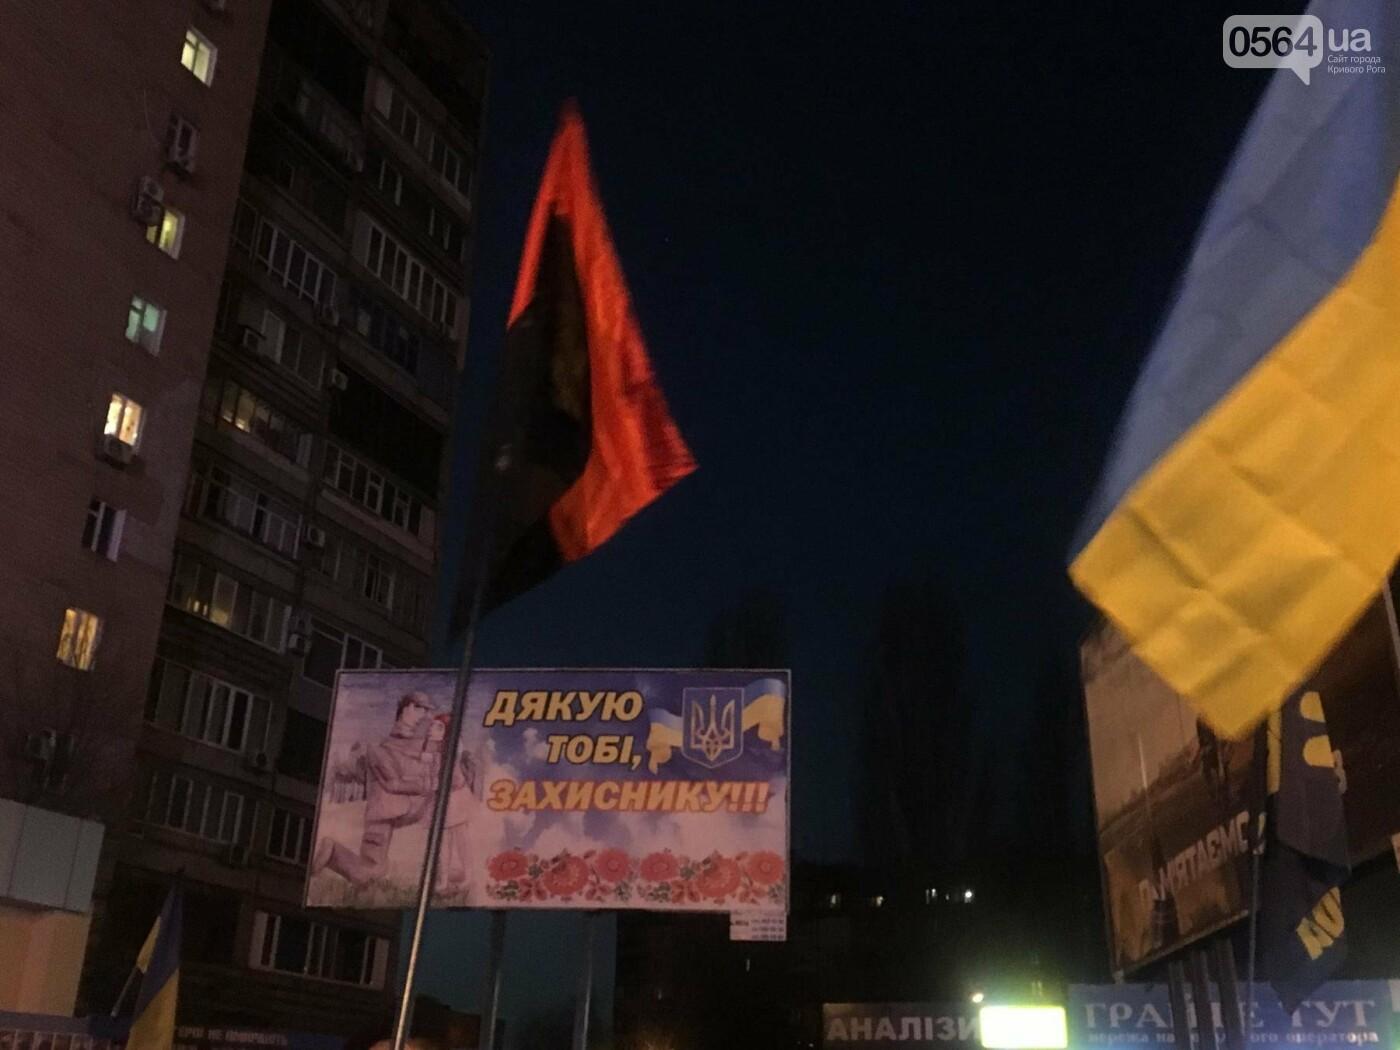 В Кривом Роге проходит Факельный марш в честь Дня рождения Степана Бандеры (ФОТО, ВИДЕО), фото-8